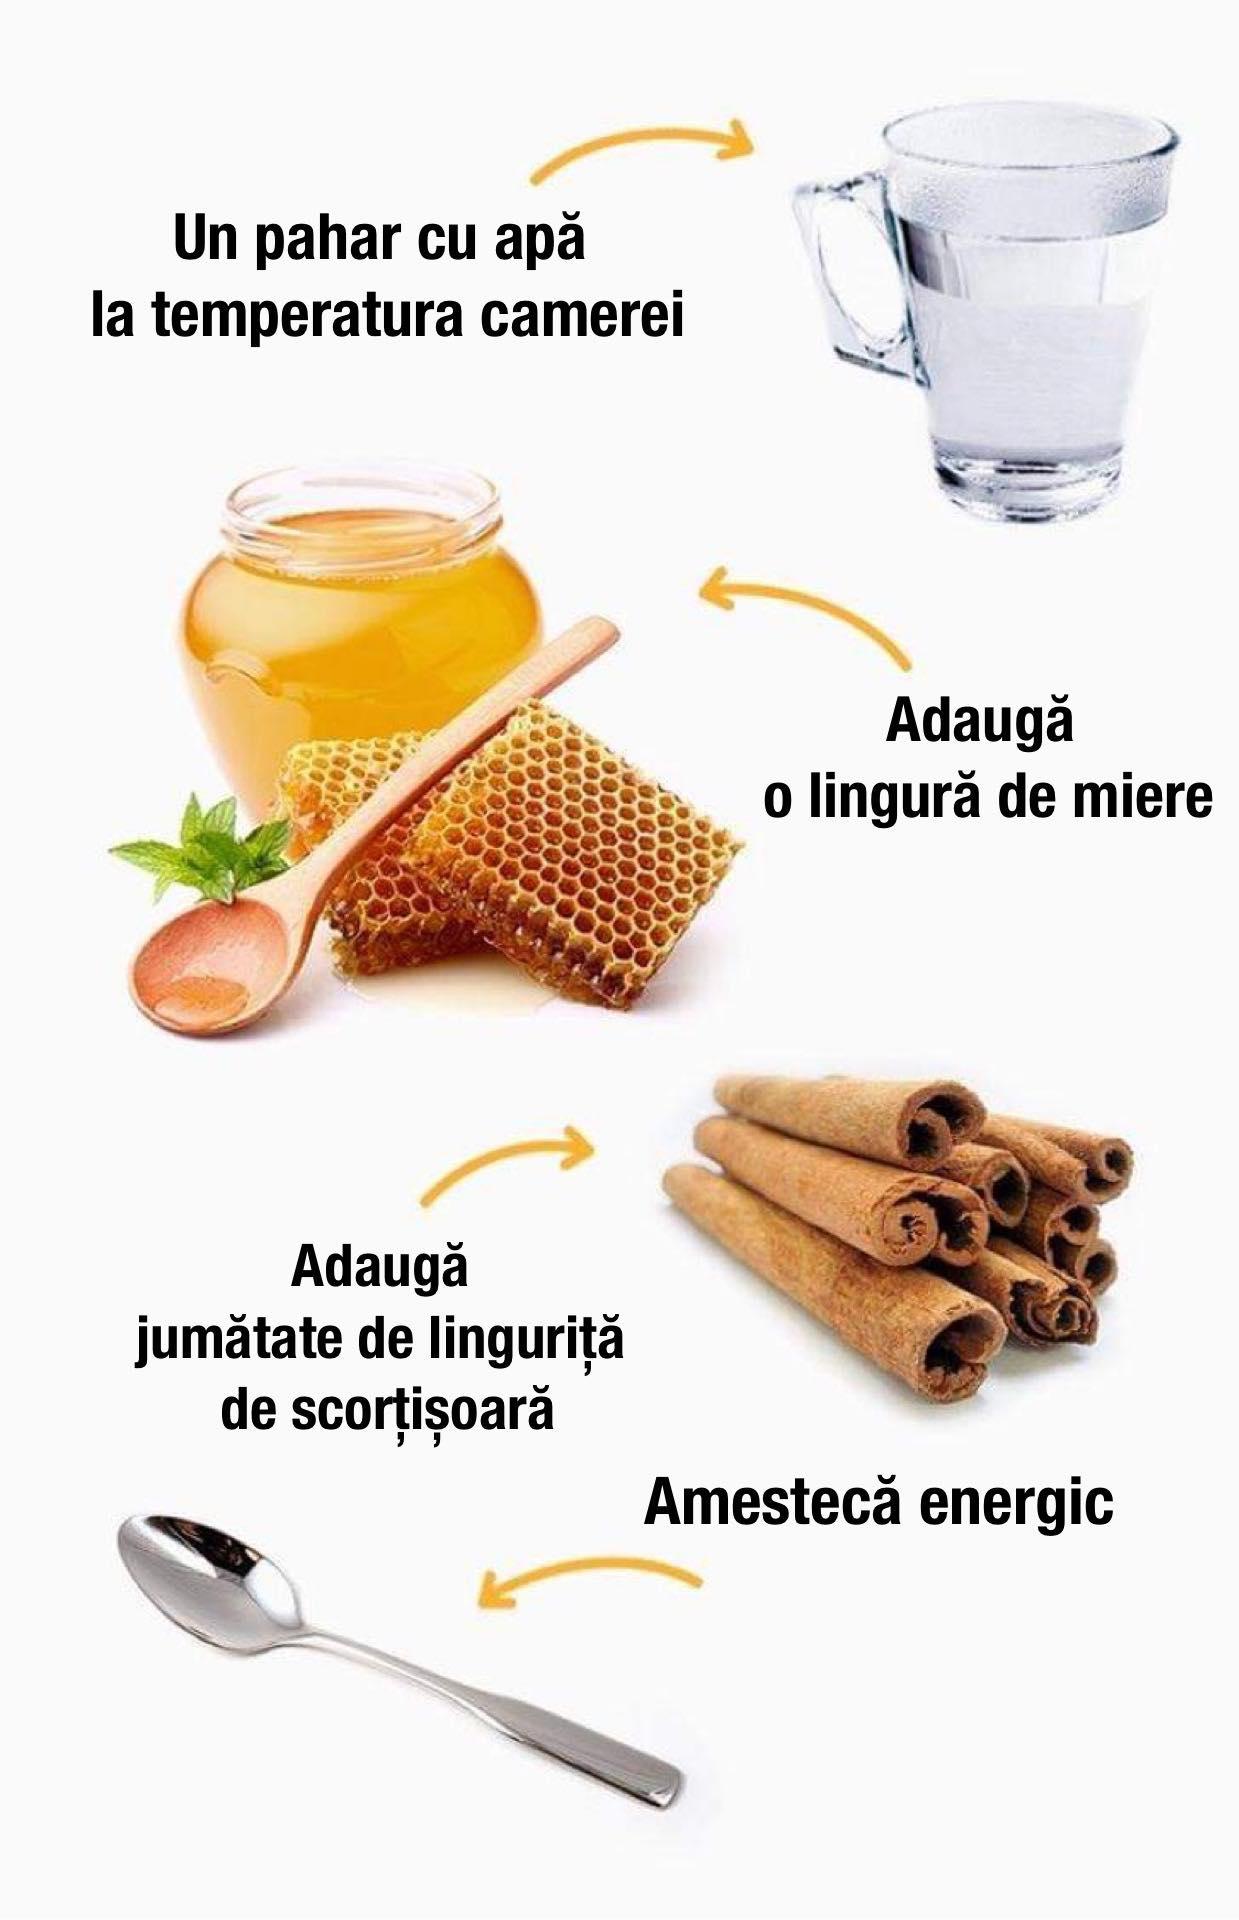 Top 10 cele mai bune băuturi pentru pierderea în greutate, Revigorați-vă arderea grăsimilor